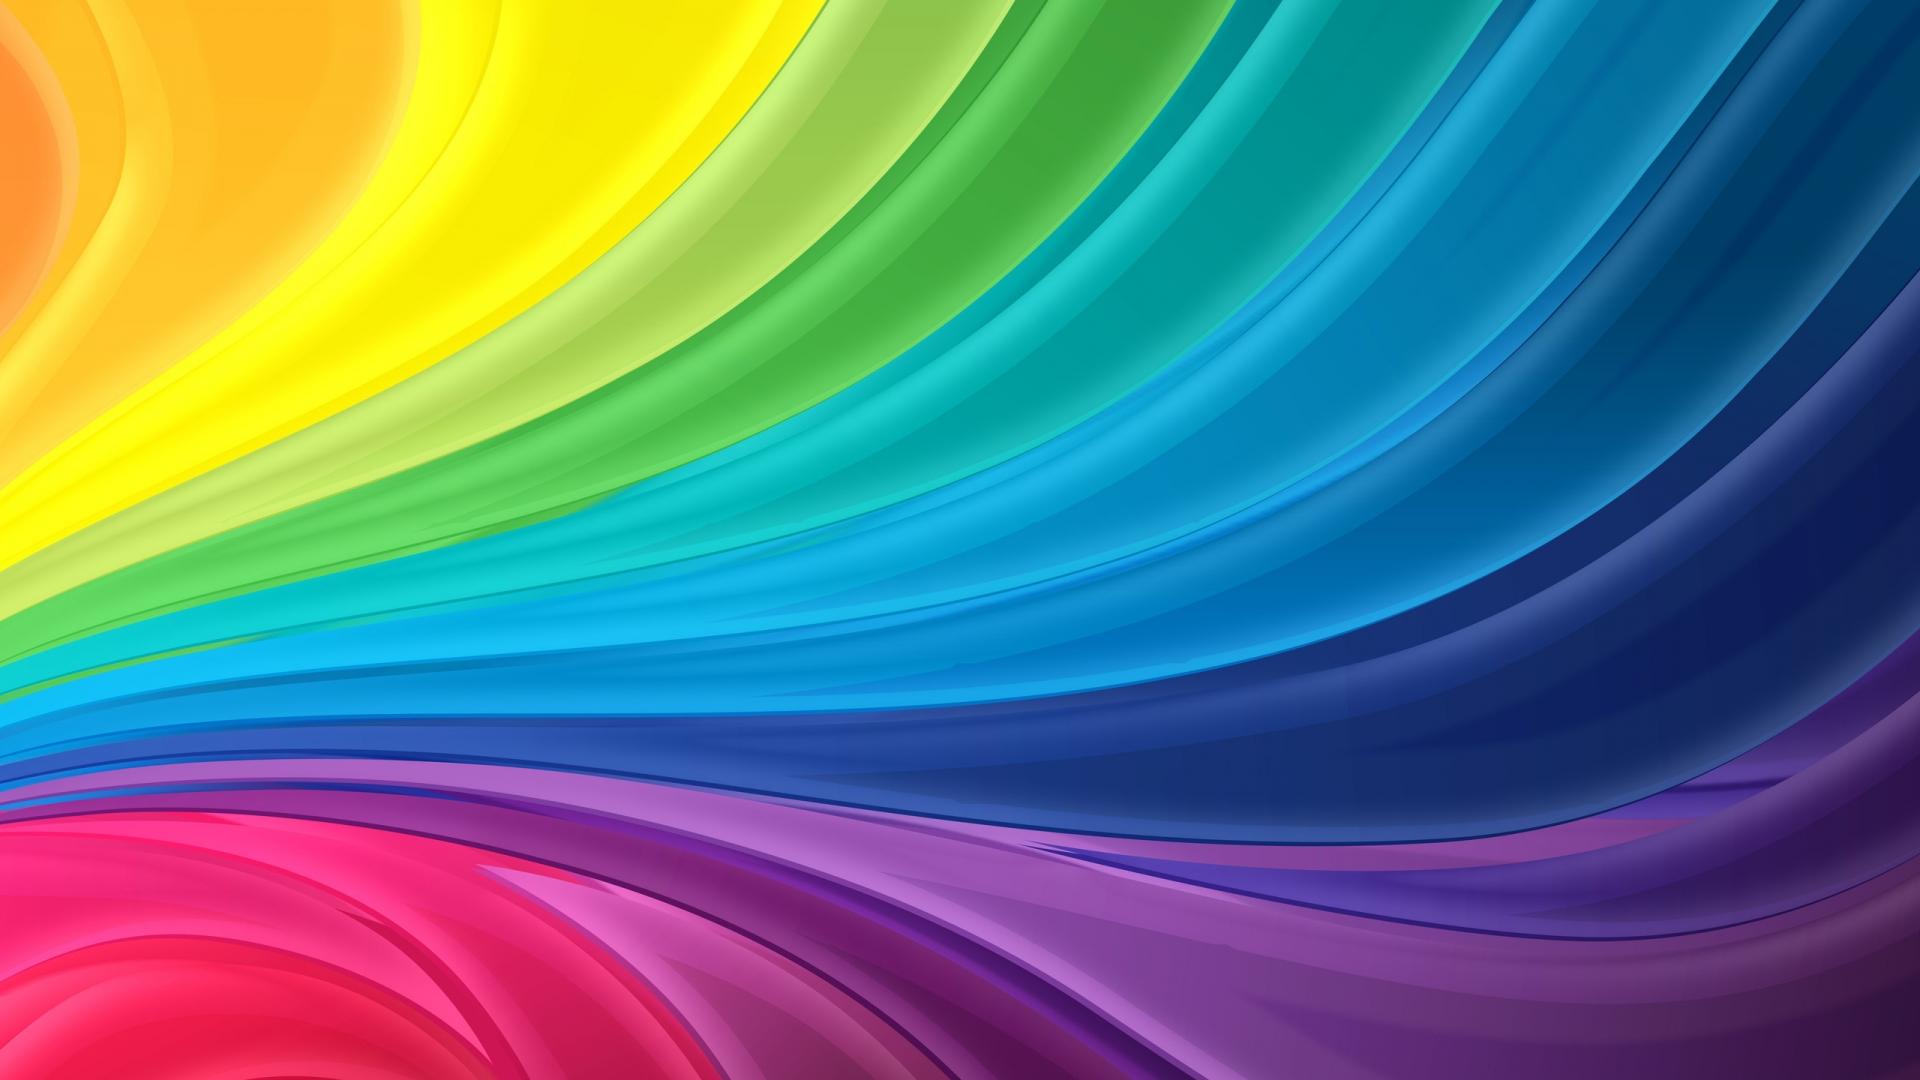 wallpaper Neon Rainbow Wallpapers hd wallpaper background desktop 1920x1080